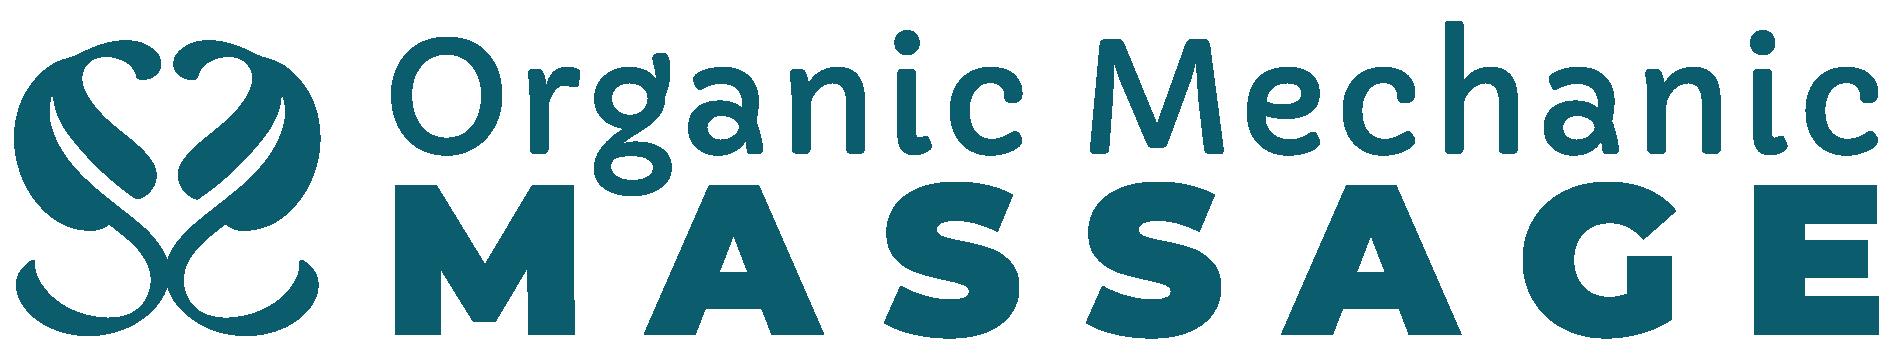 Organic Mechanic Massage